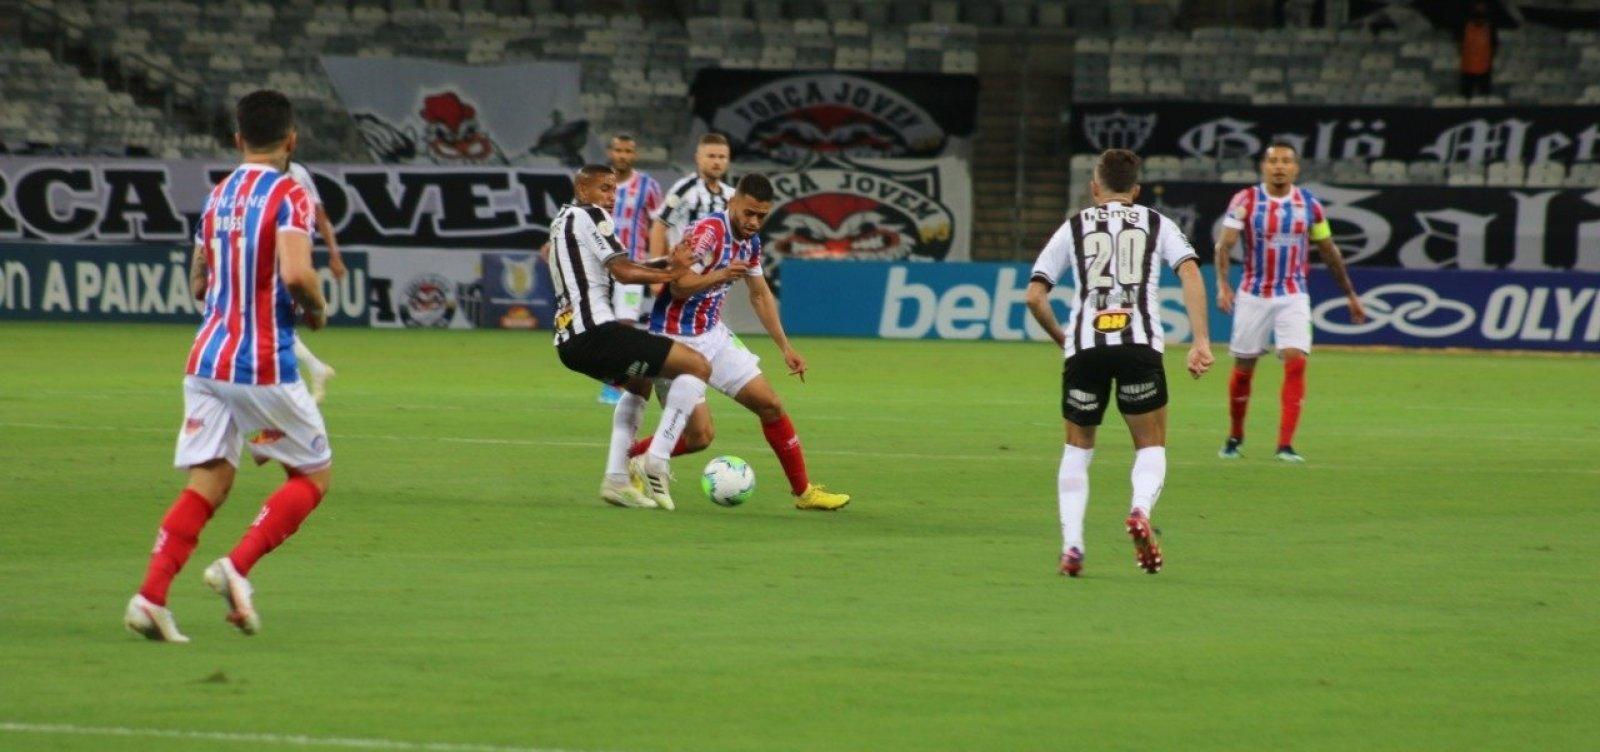 Bahia empata com o Atlético-MG fora de casa na Série A